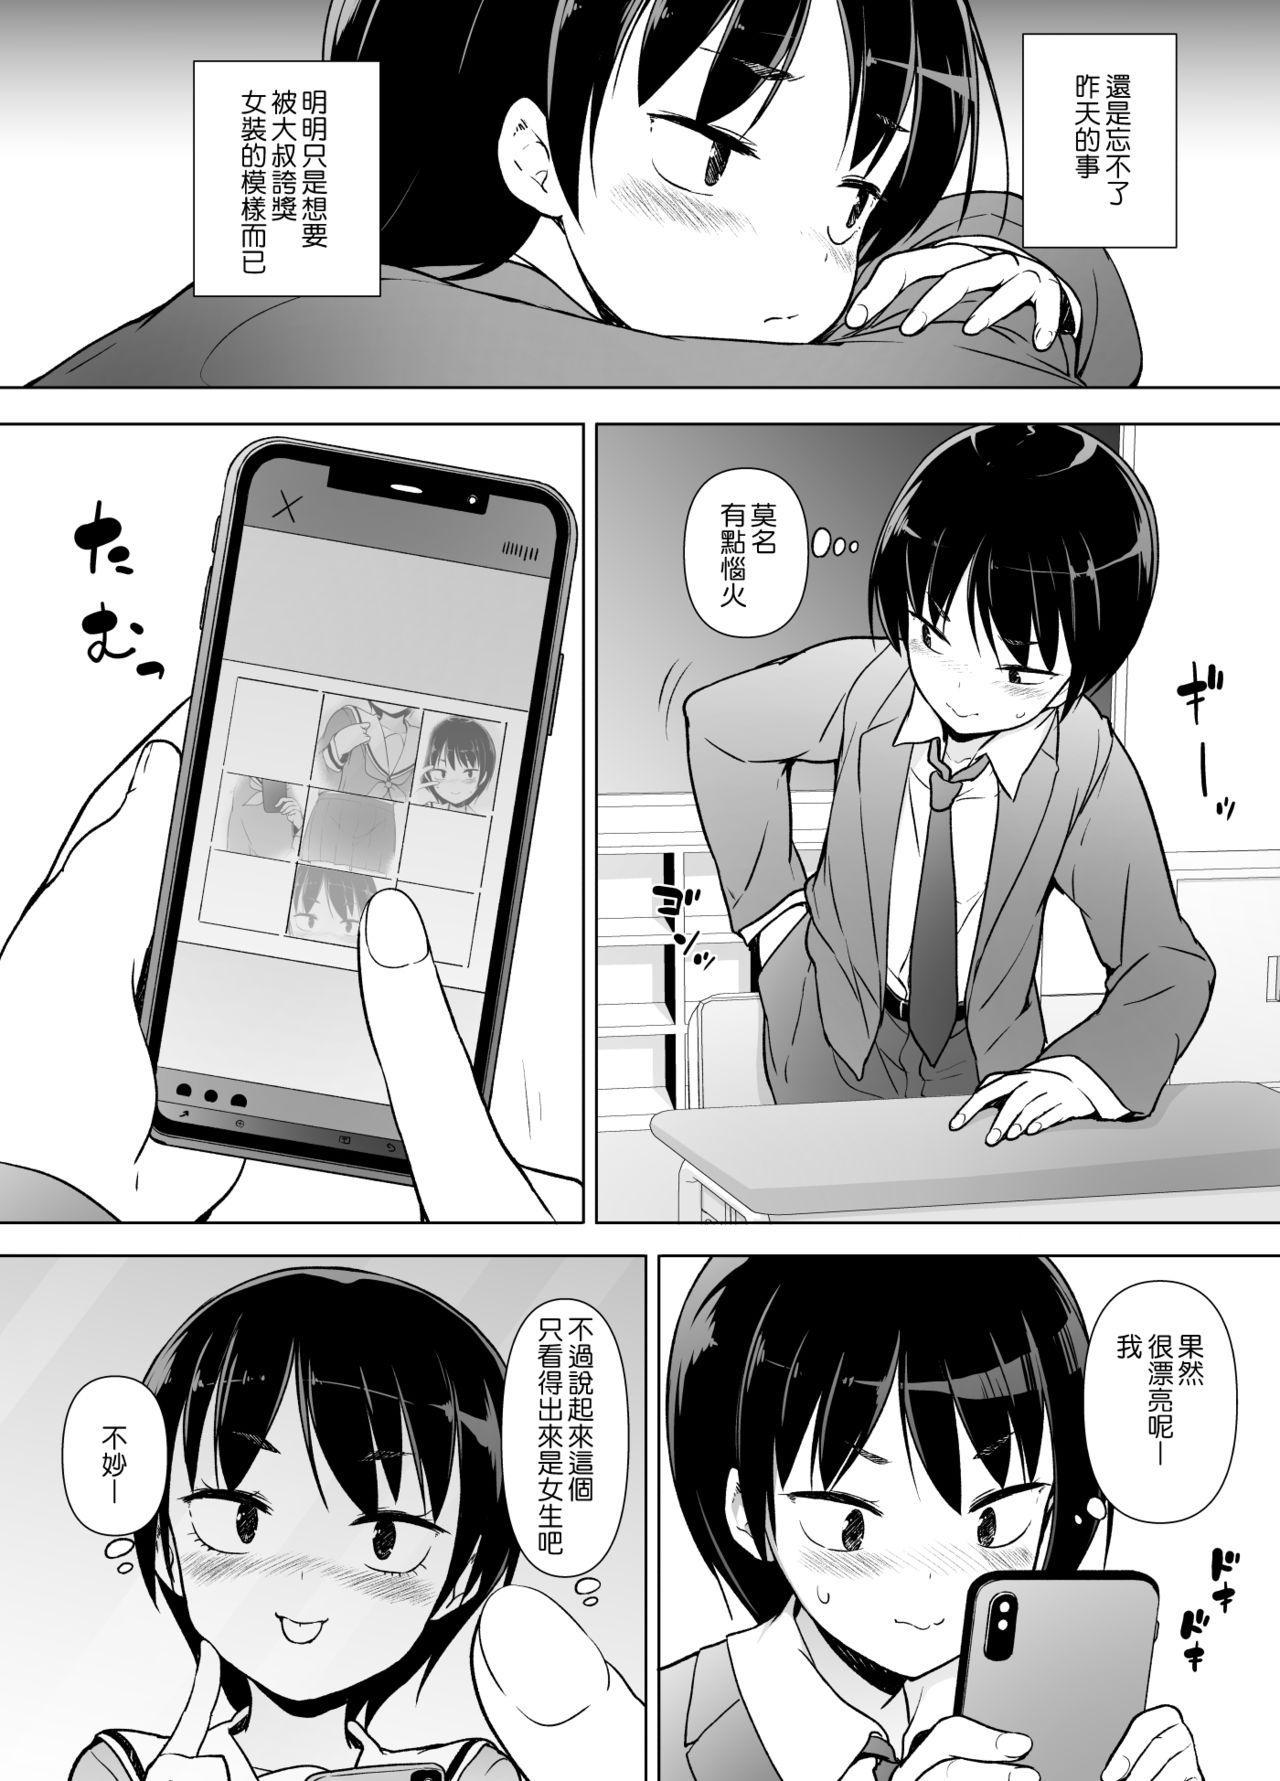 Josoukko no Boku wa Tonari no Oji-san no Mono ni Naru 8